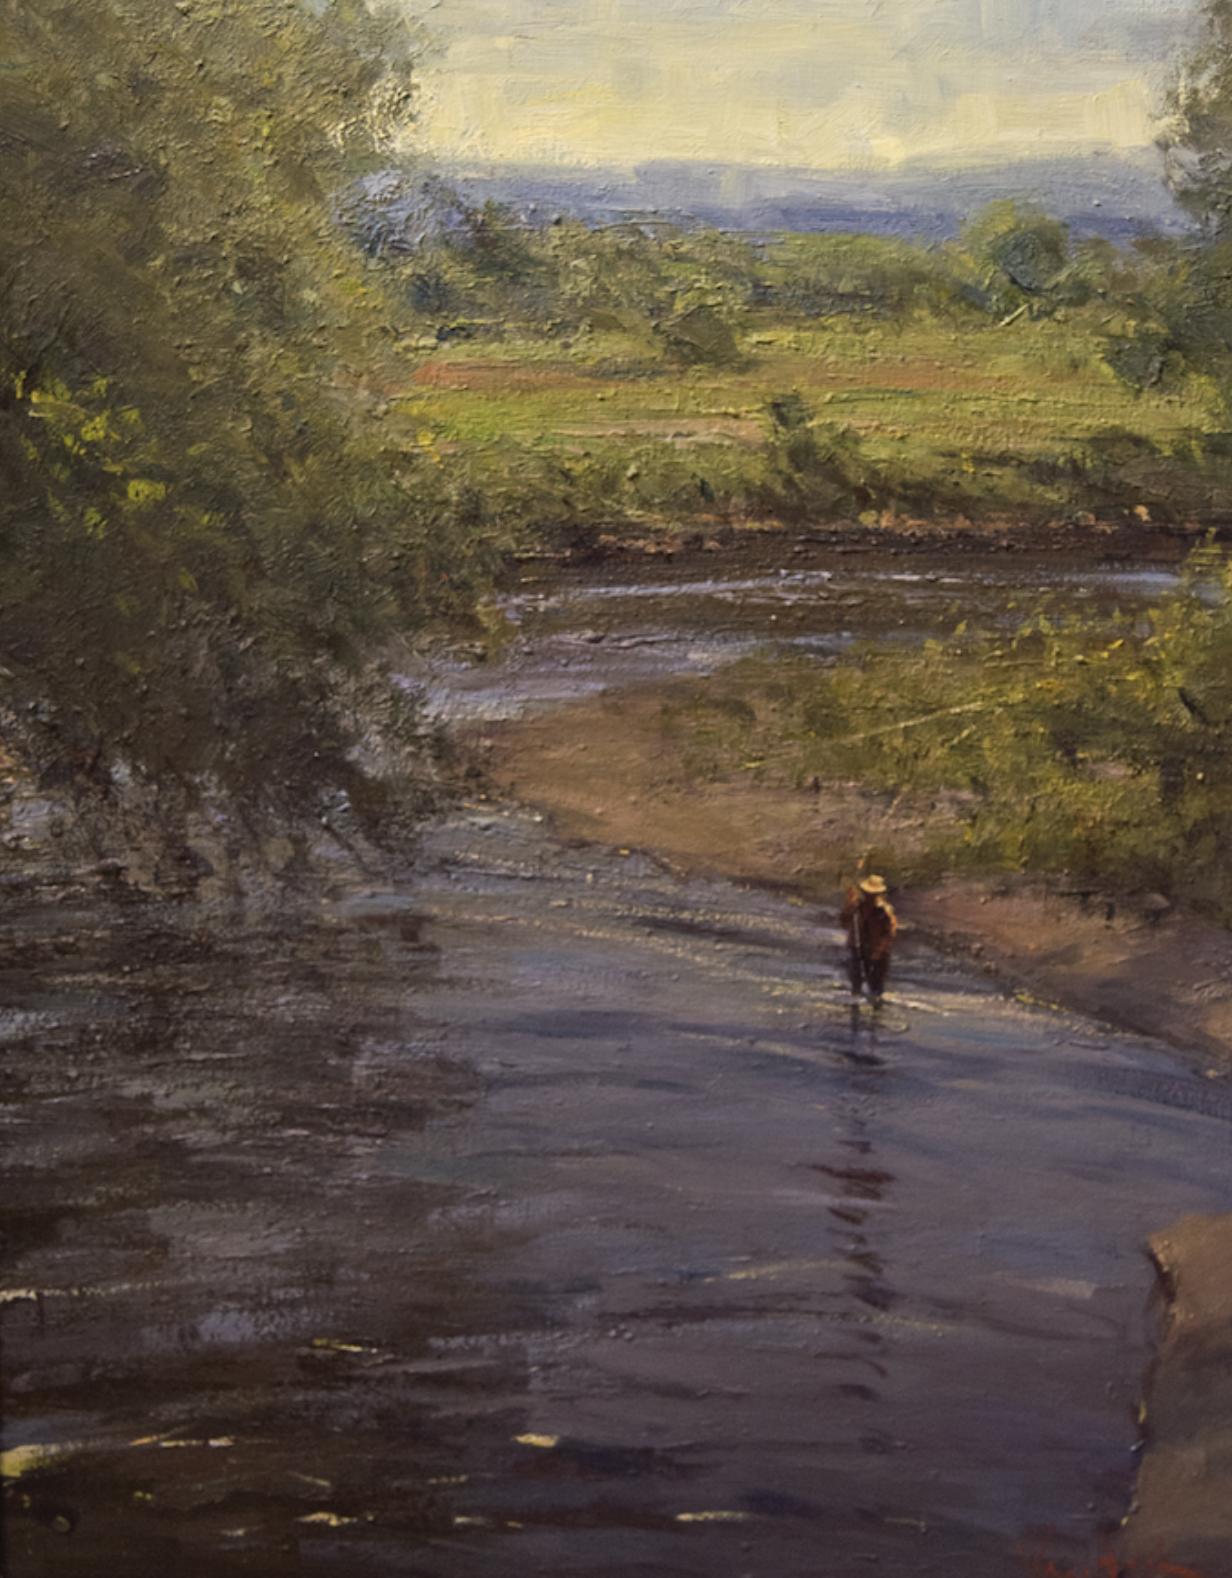 George Van Hook - Fishing the River Bend